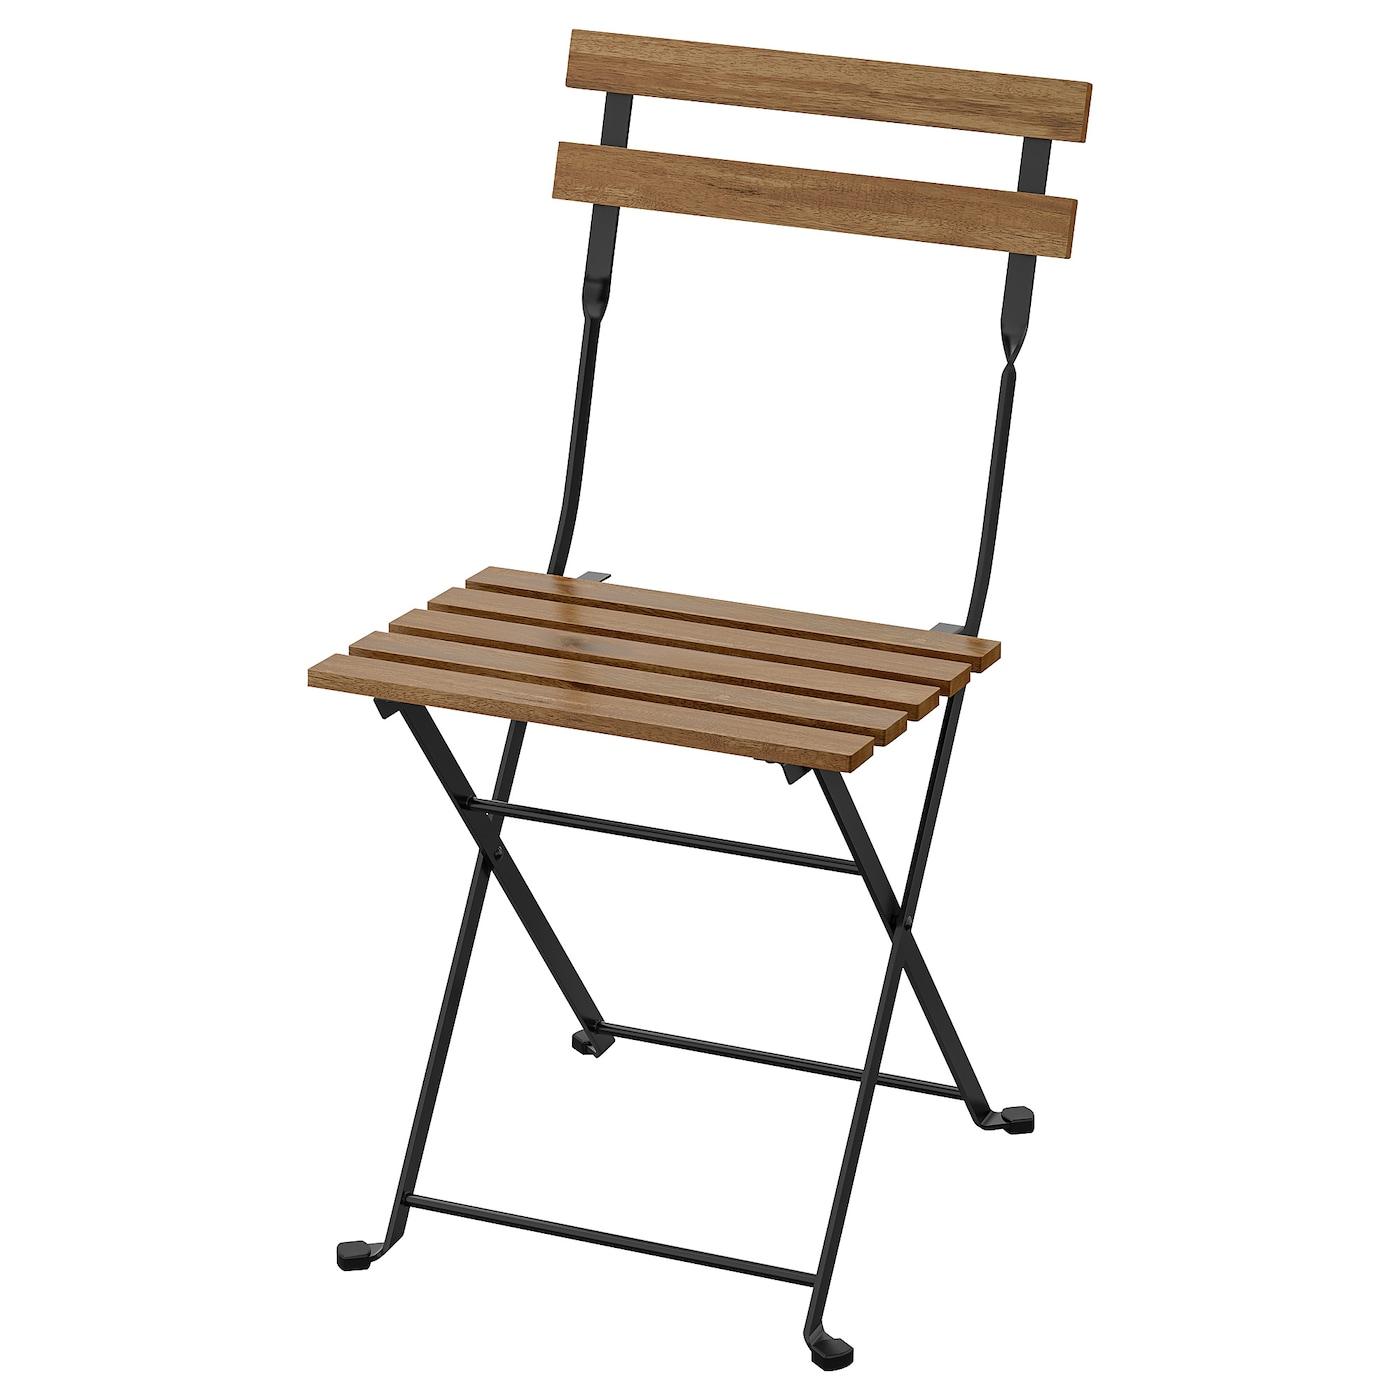 TÄrnÖ Chair Outdoor Foldable Acacia